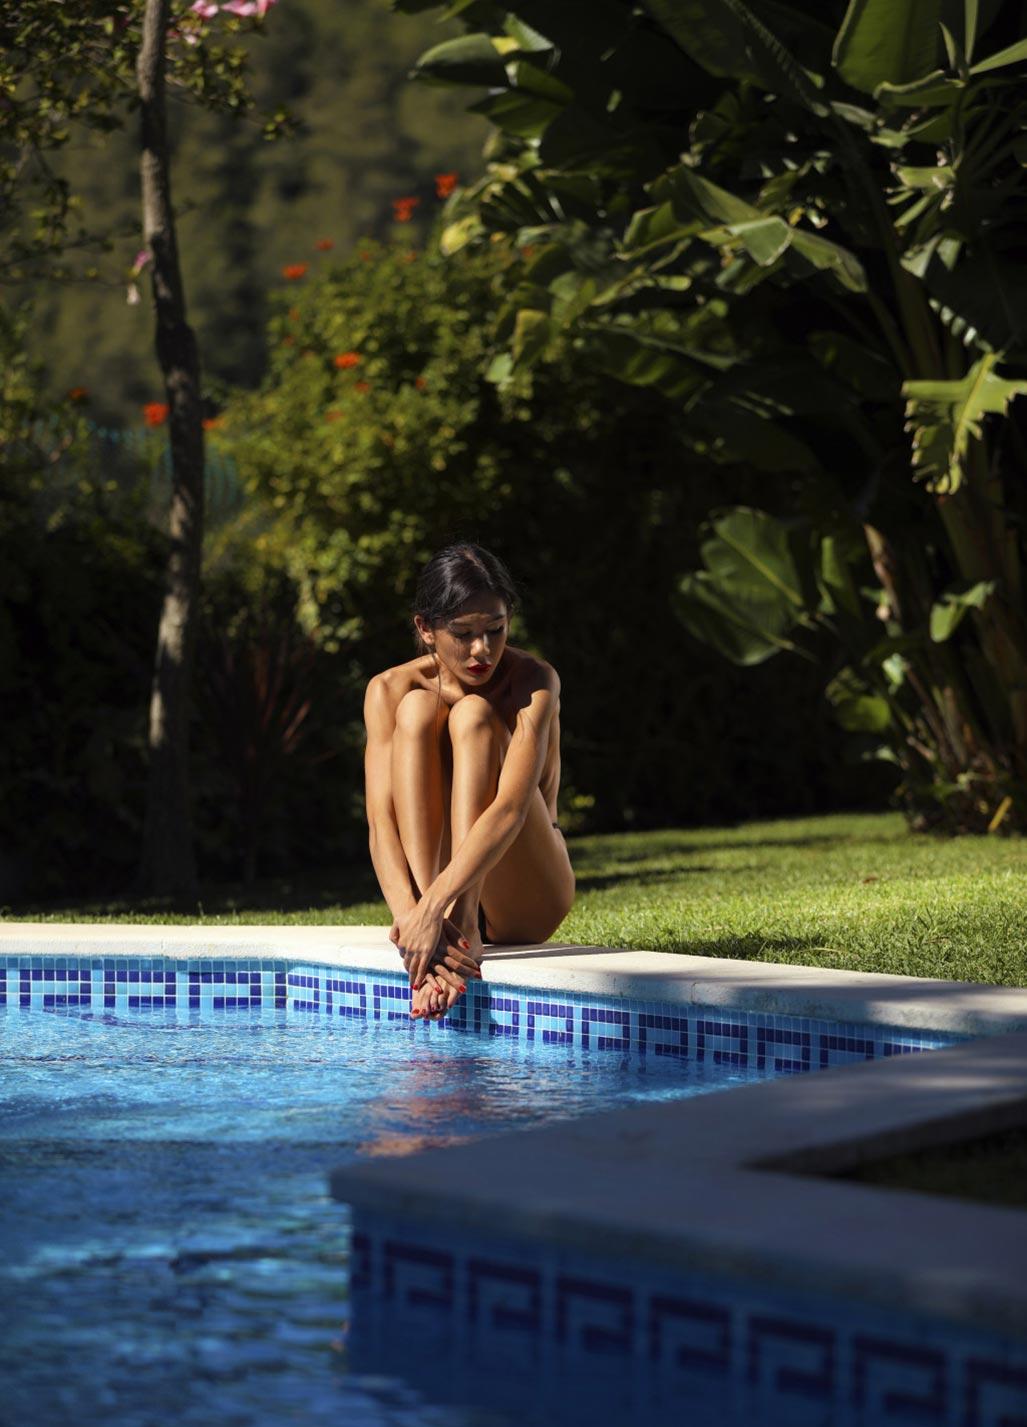 Кледия Фортин отдыхает у бассейна на фотографиях Аны Диас / фото 12